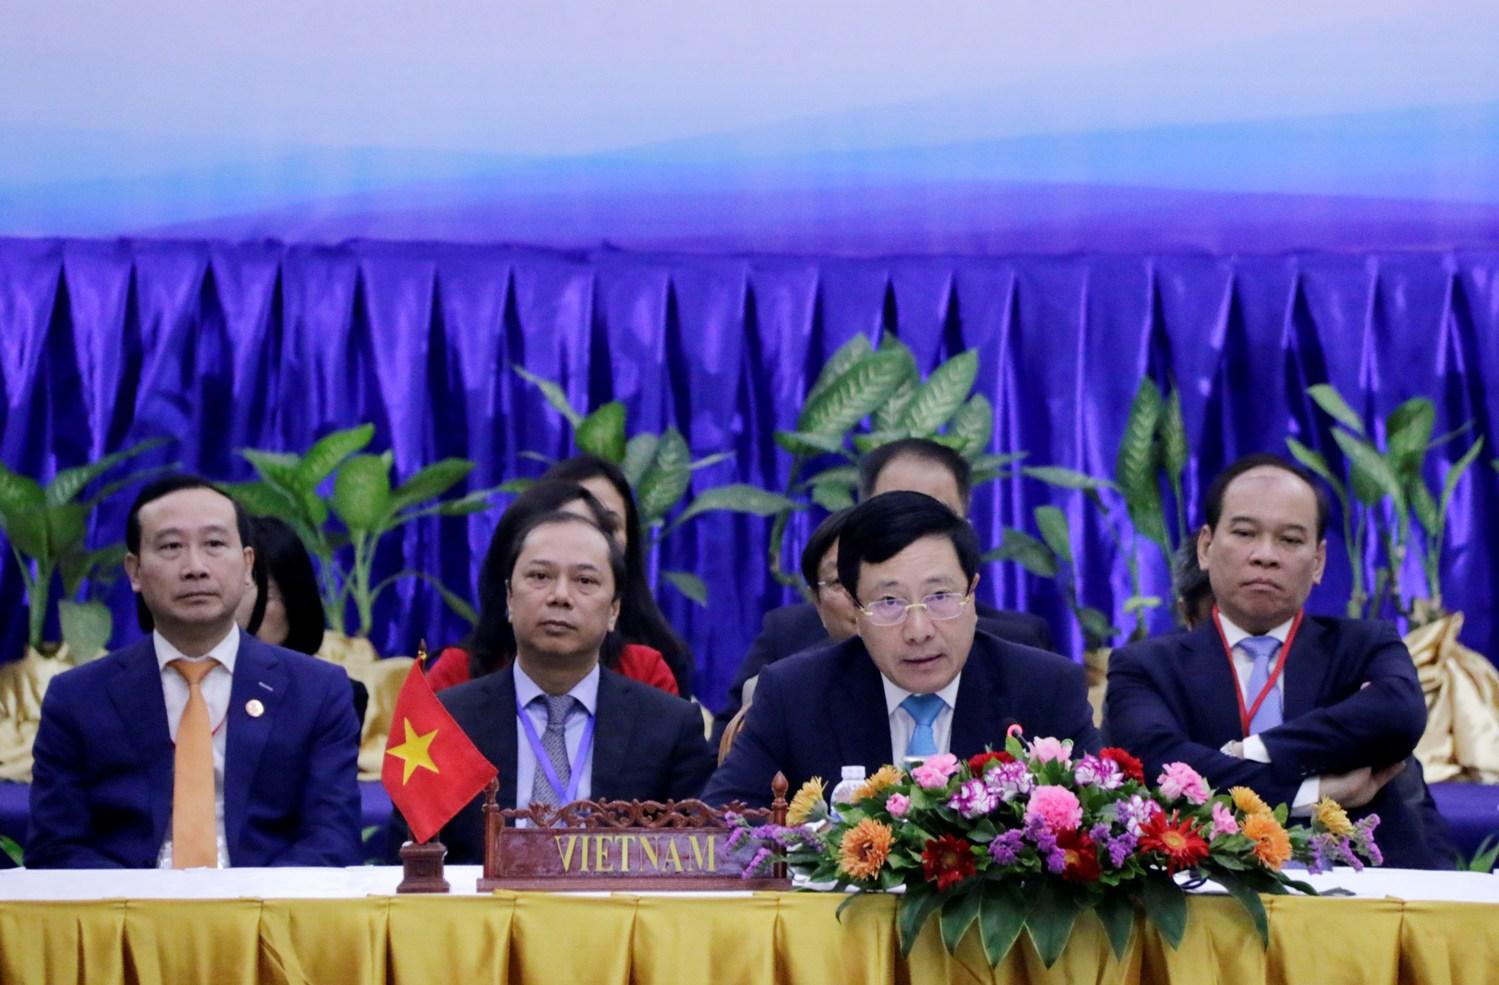 Phó Thủ tướng Phạm Bình Minh phát biểu tại Hội nghị đặc biệt Hội đồng Điều phối ASEAN. Ảnh: Bộ Ngoại giao